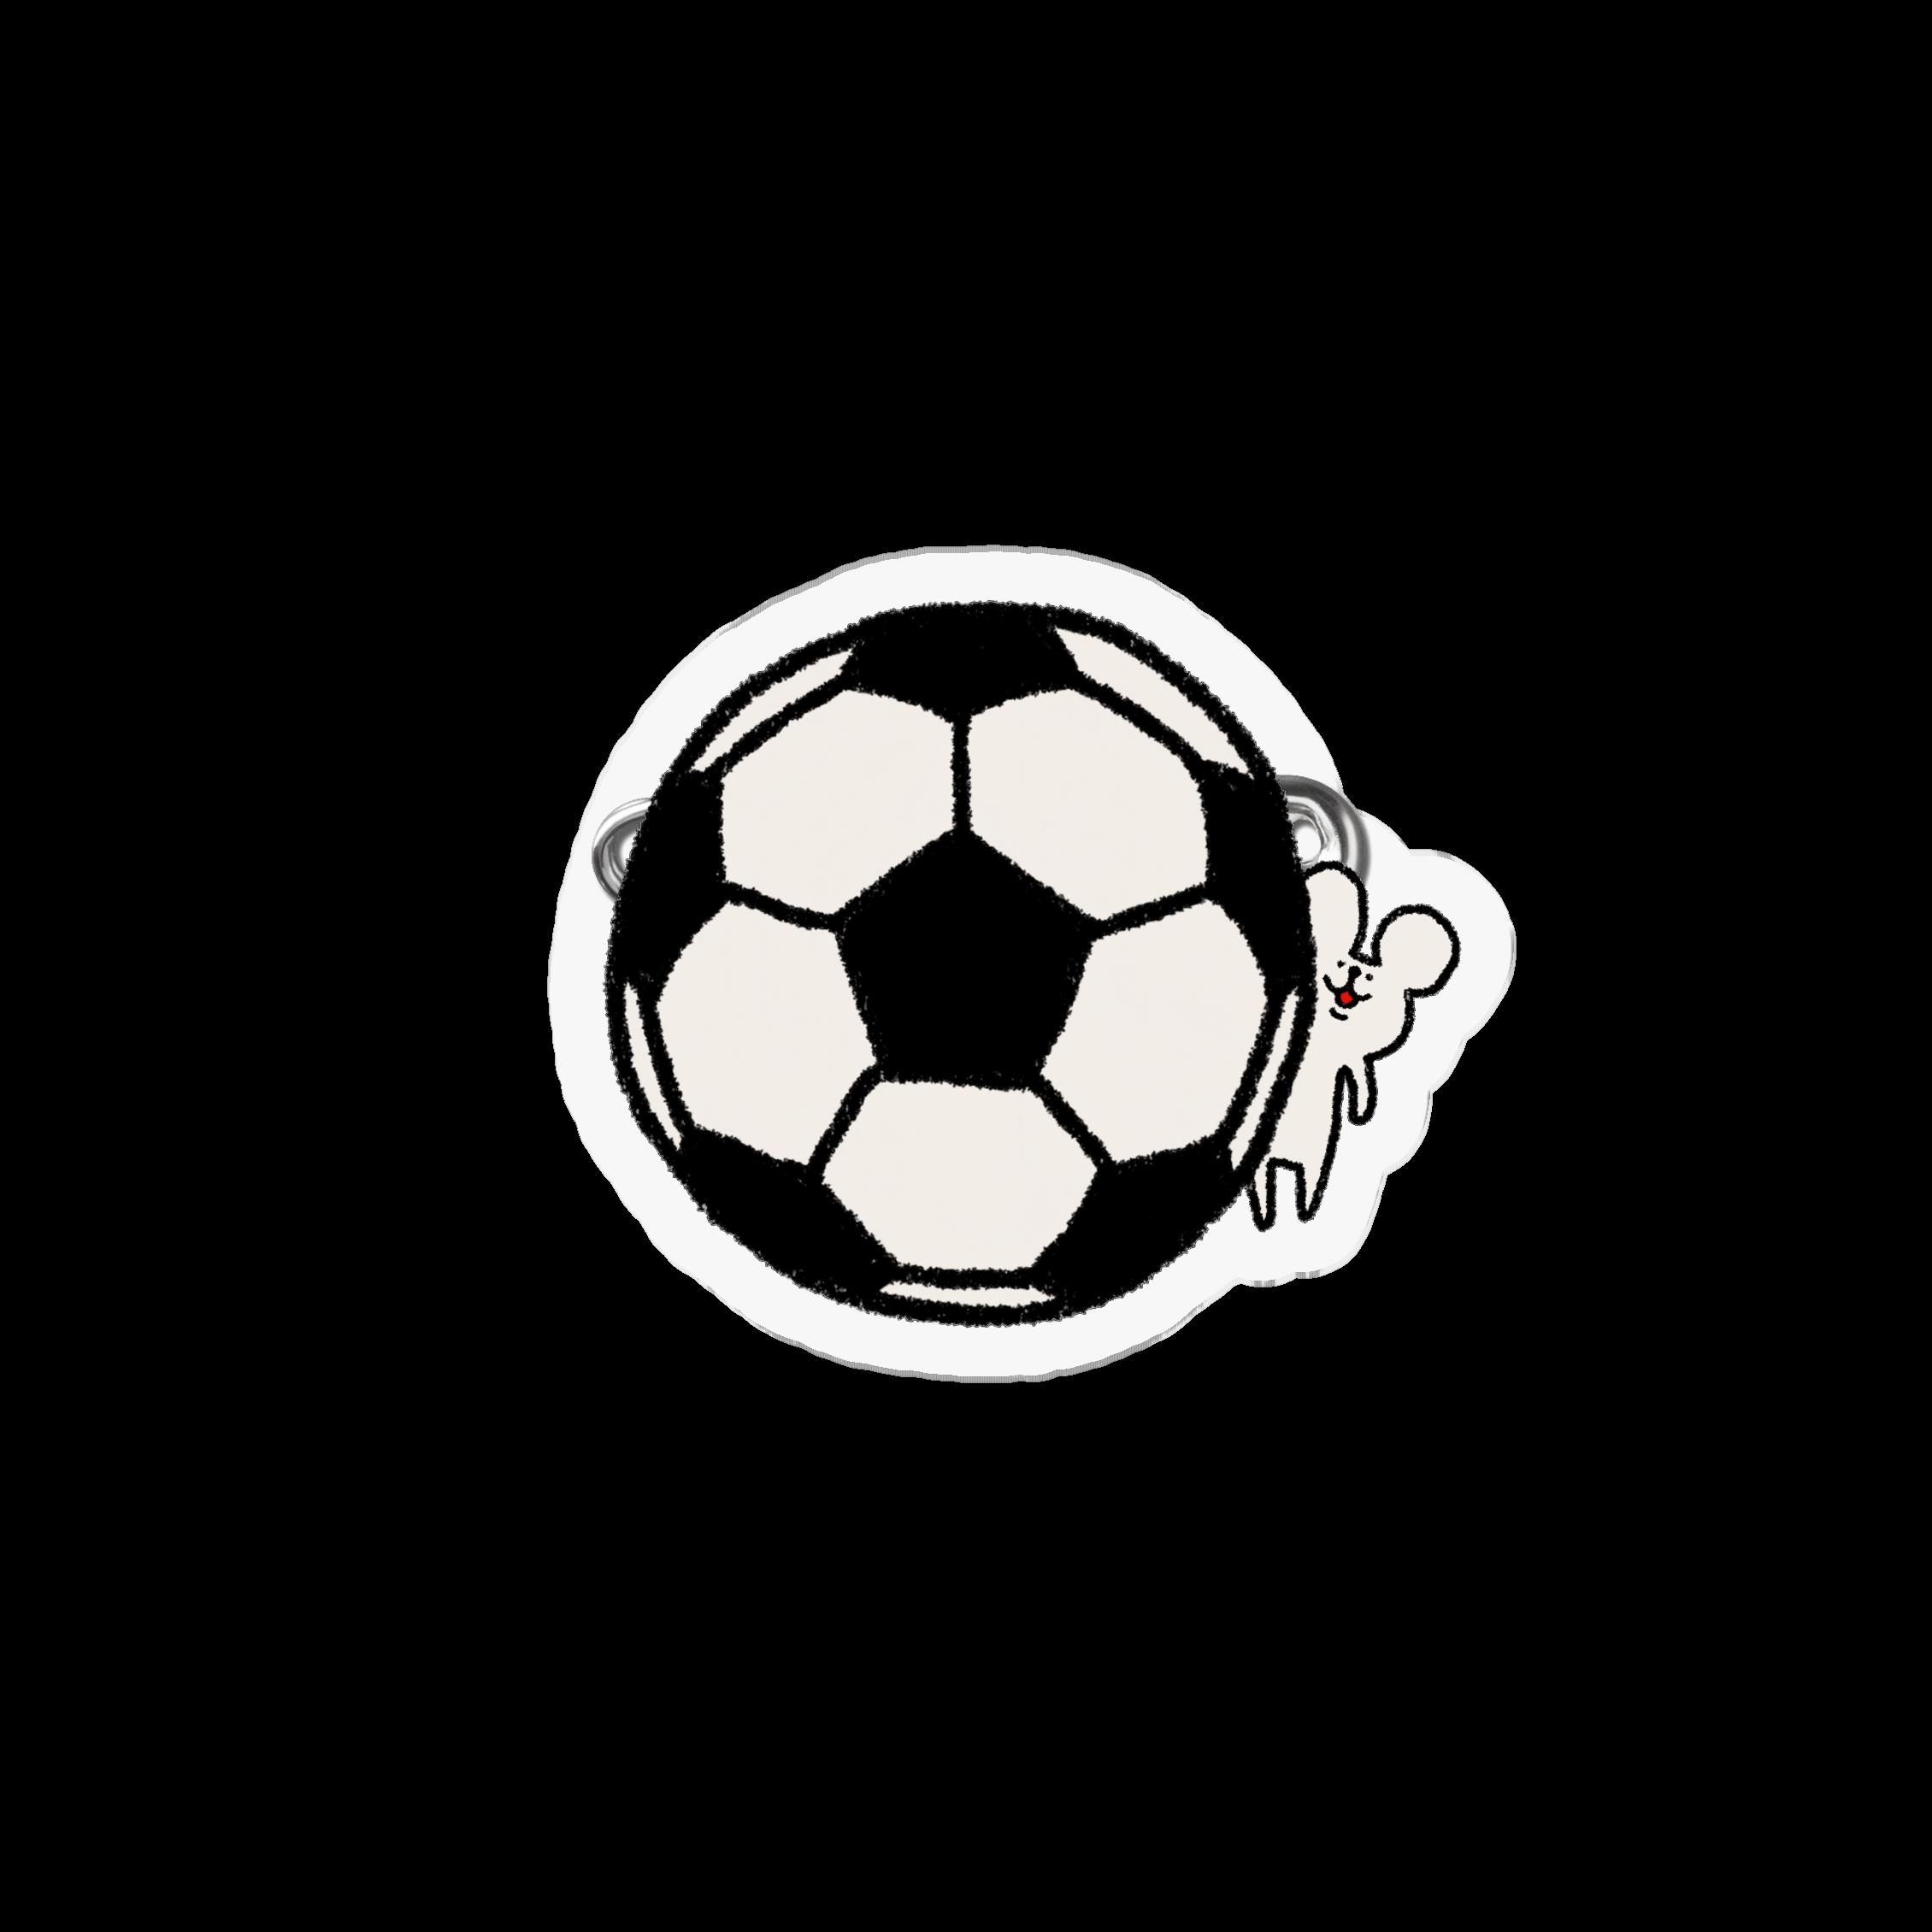 アクリルバッジ|サッカーしようや!